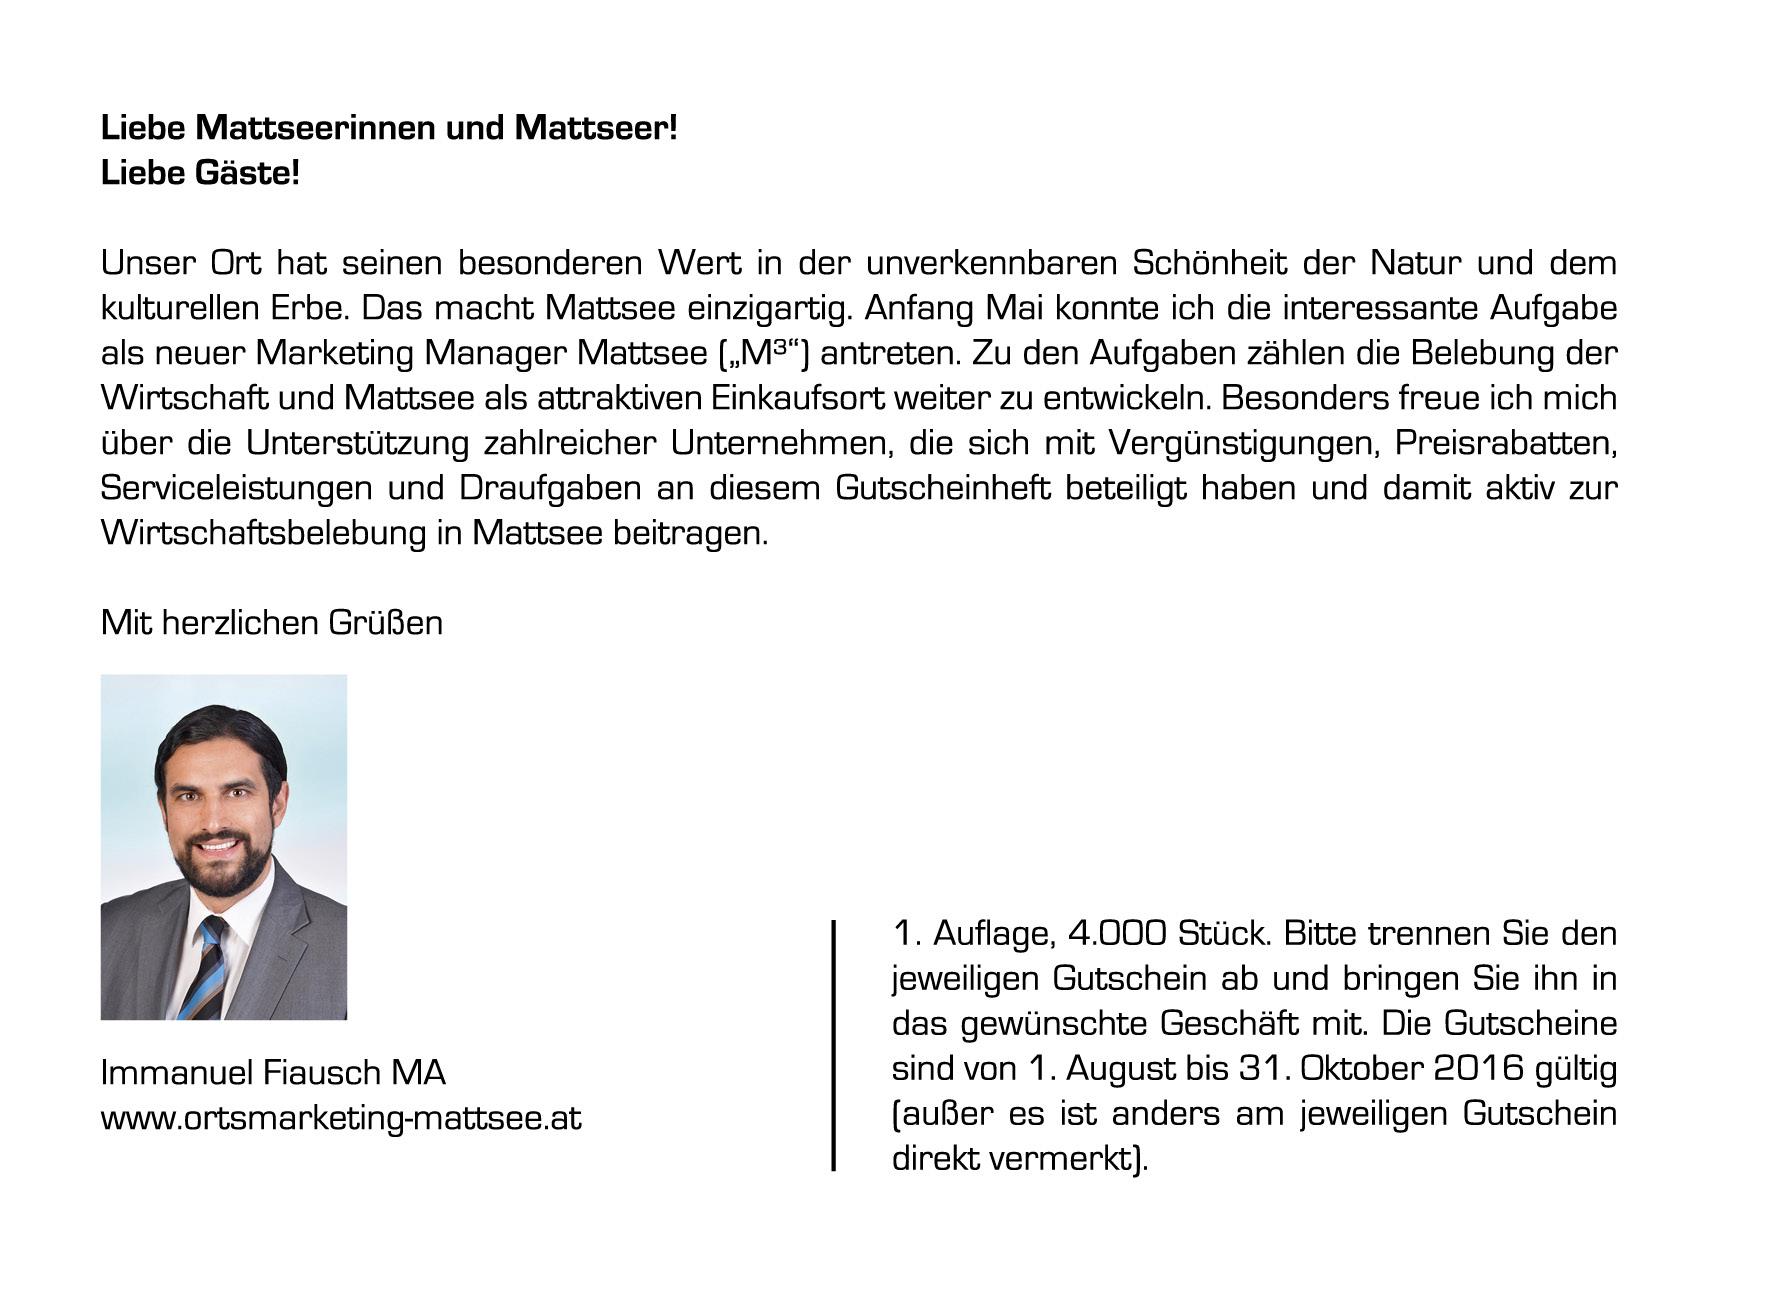 Großzügig Gutschein Buch Vorlage Wort Zeitgenössisch - Entry Level ...